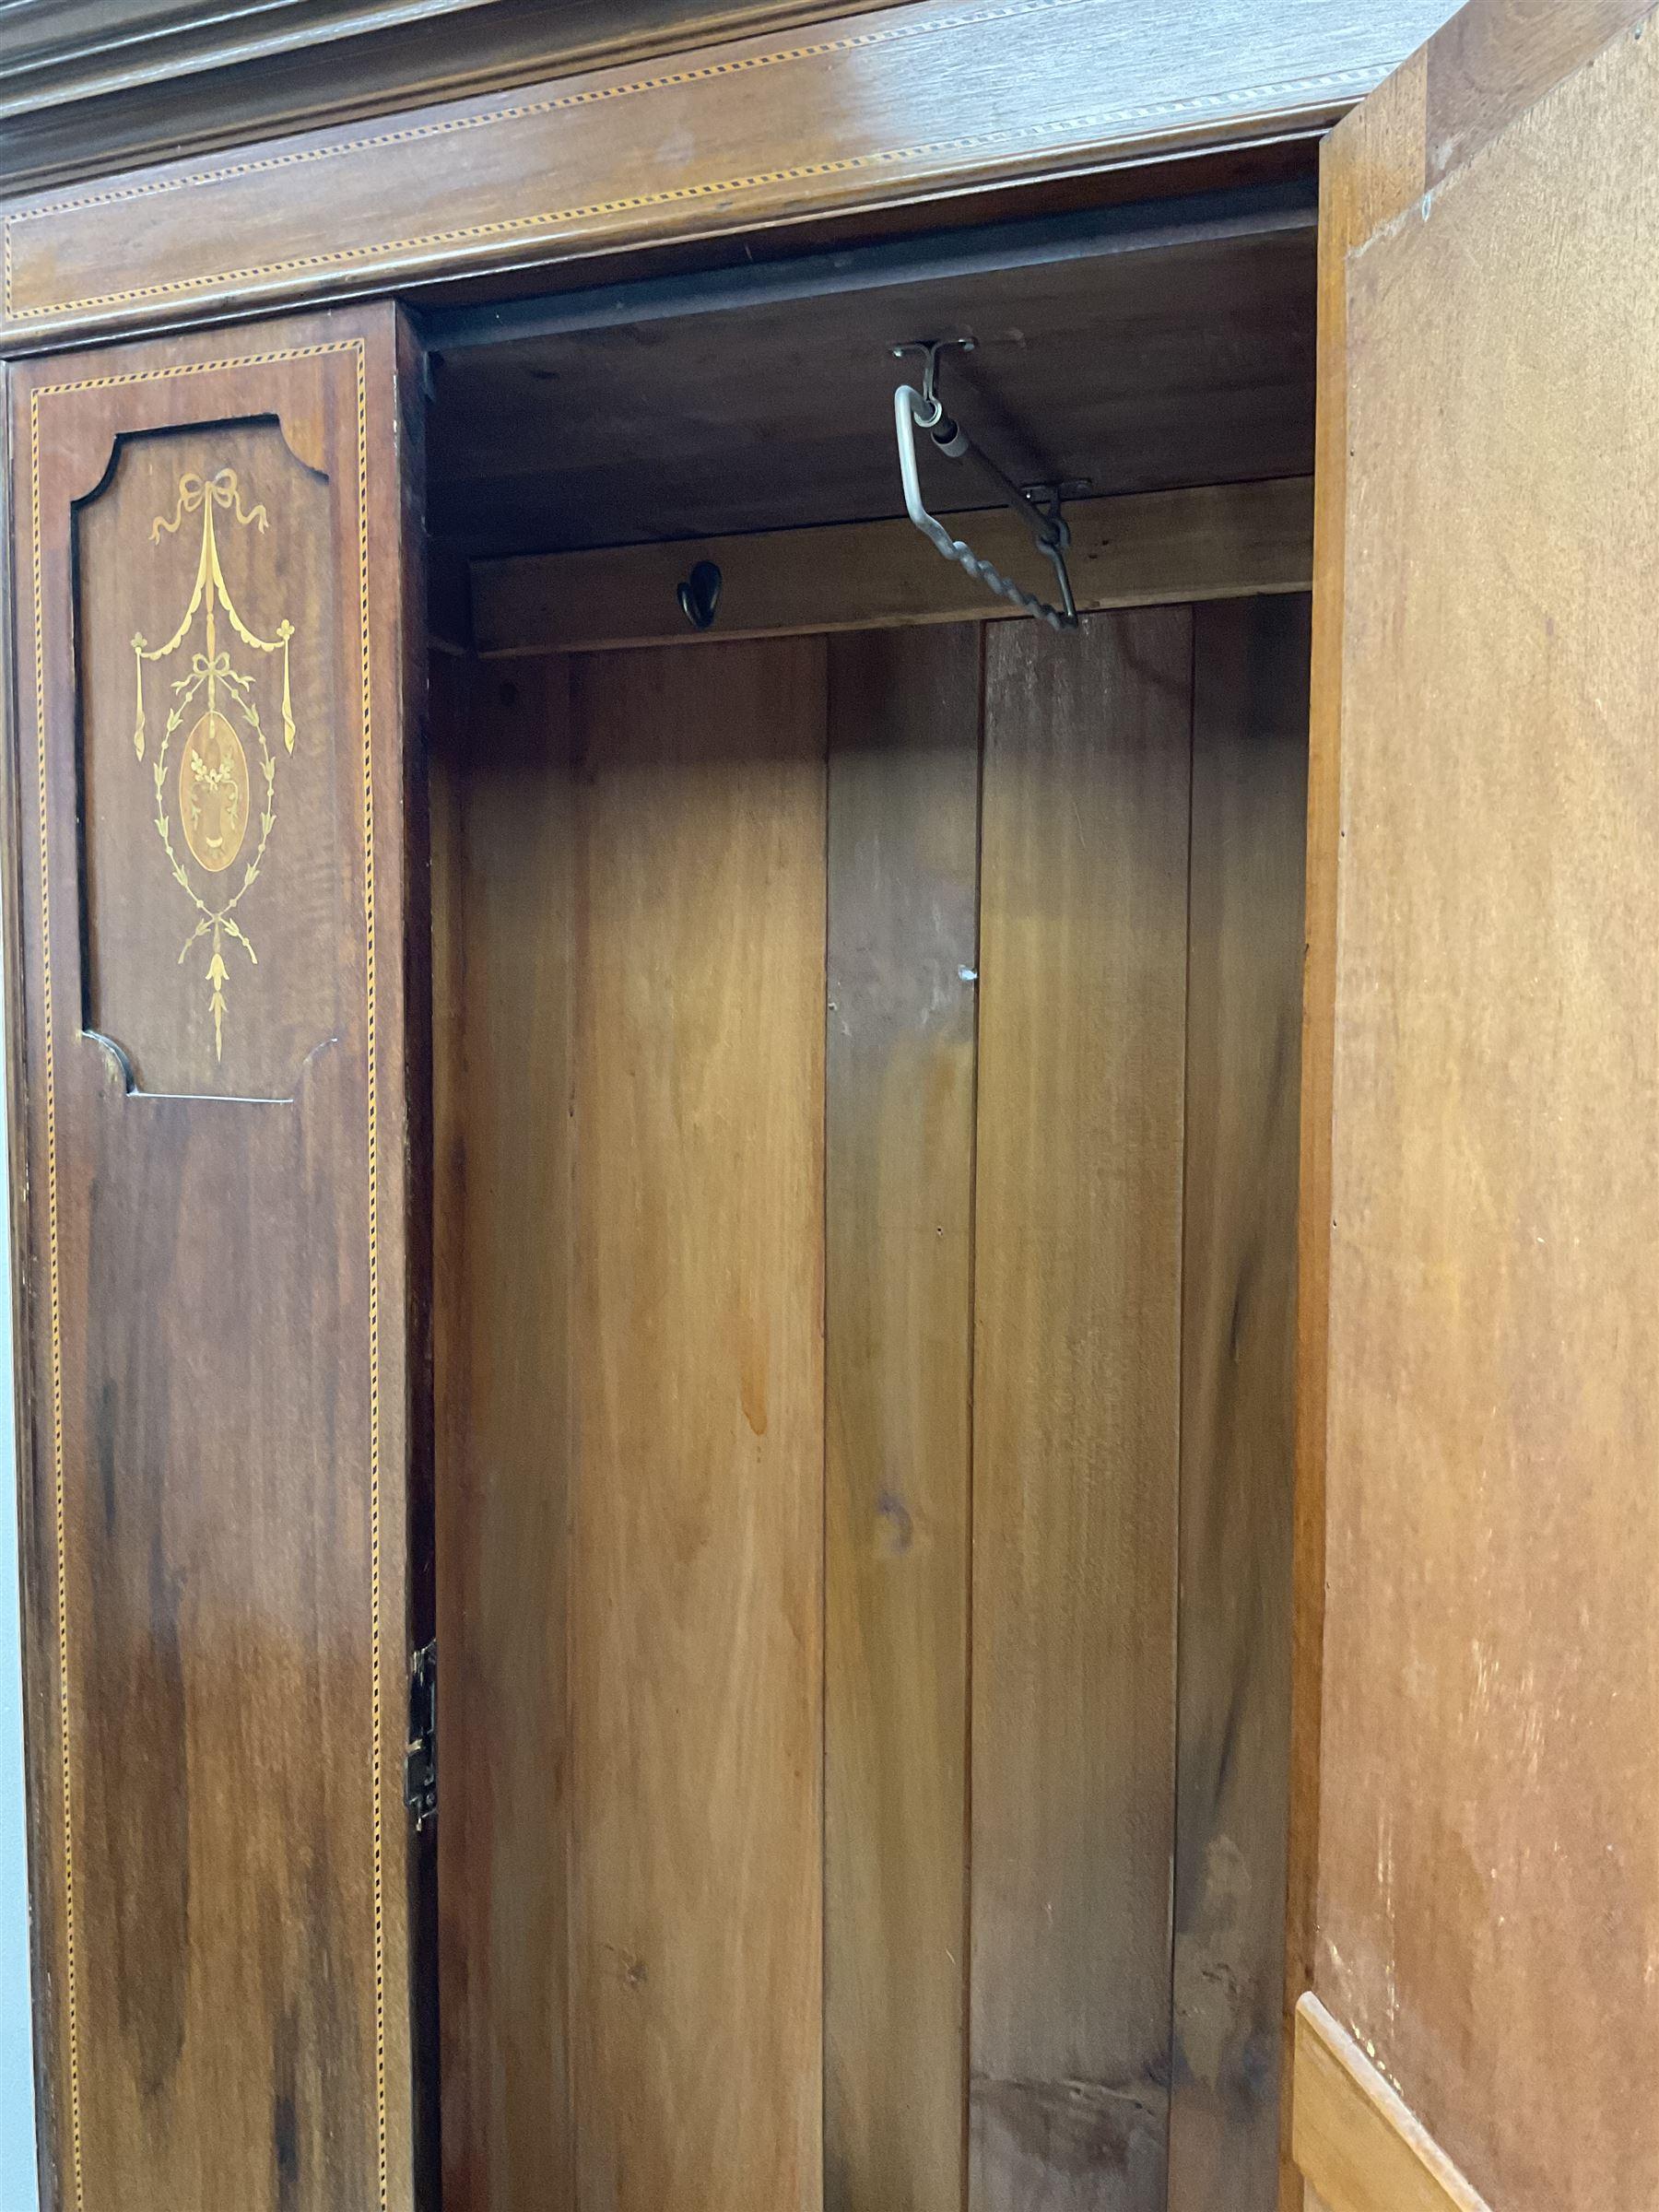 Edwardian inlaid mahogany wardrobe - Image 3 of 5